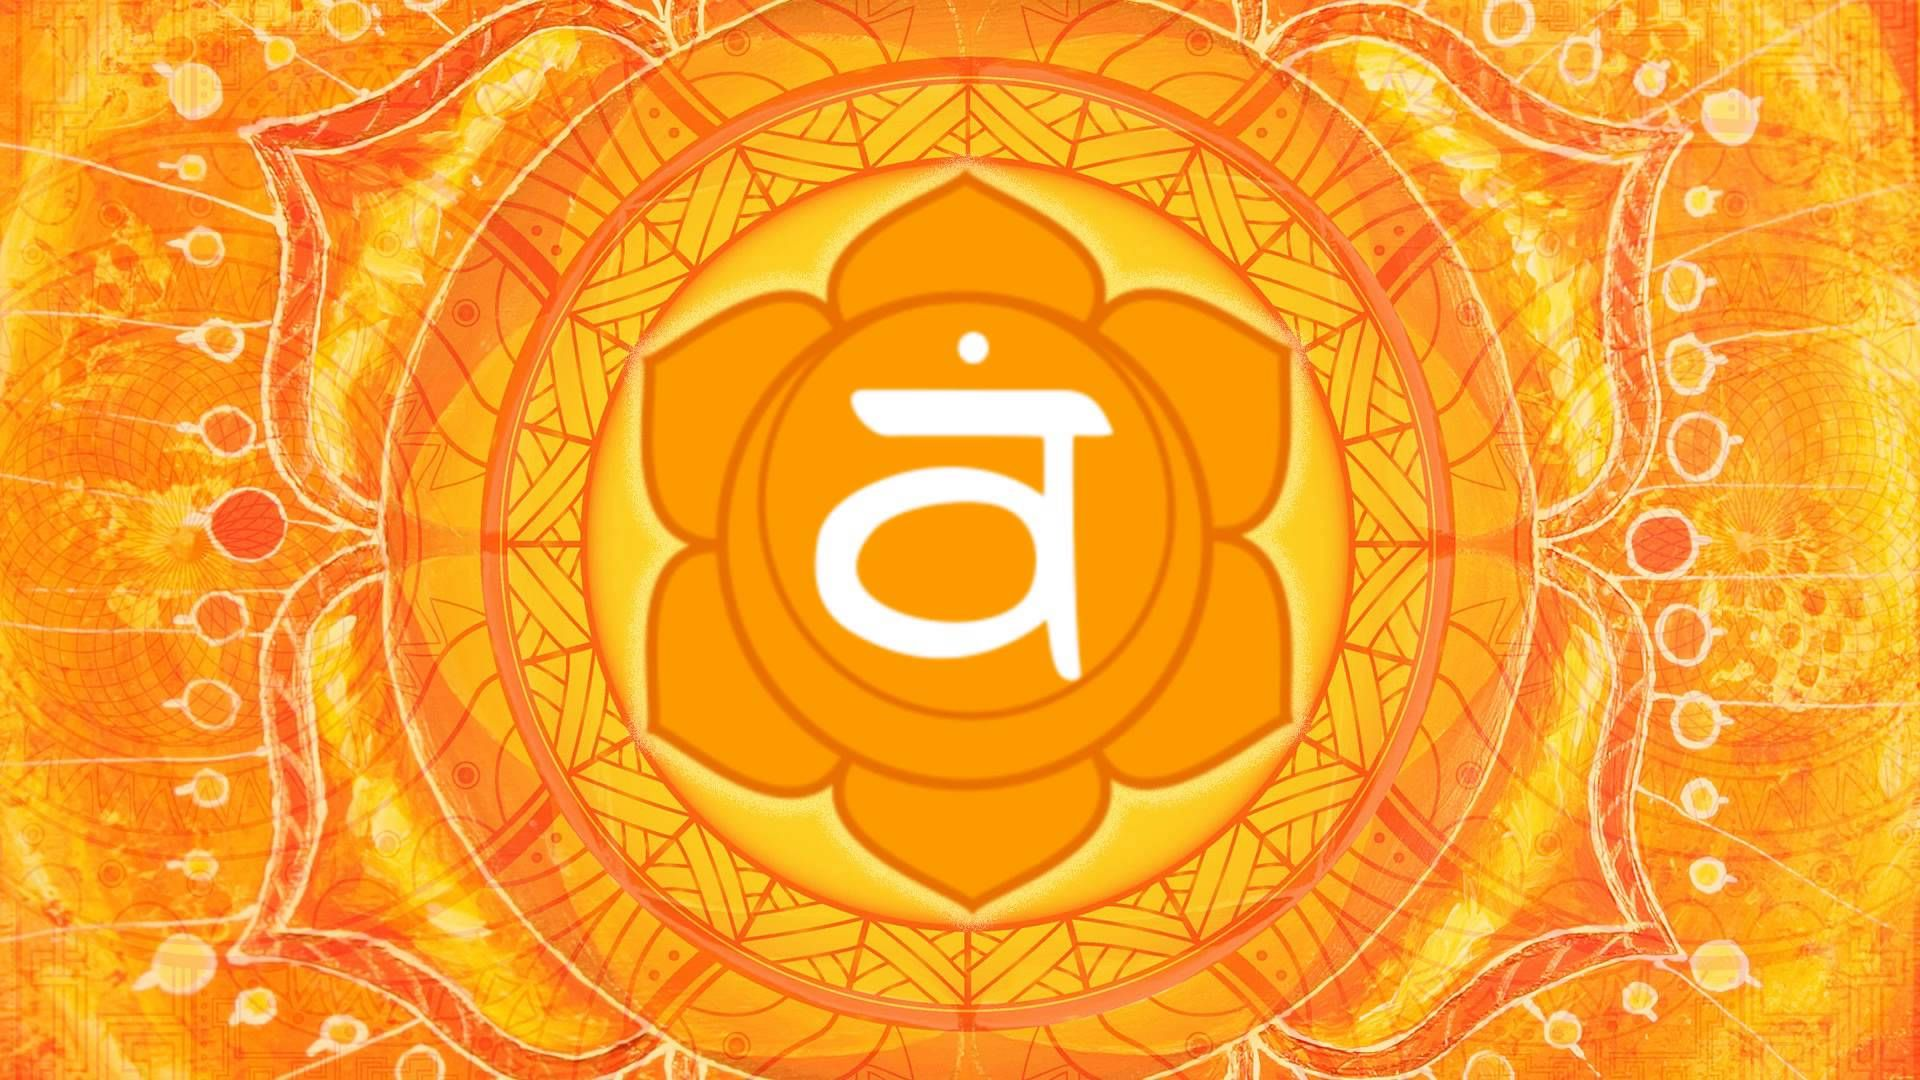 svadhistana-chakra-tsentr-seksualnoy-energii